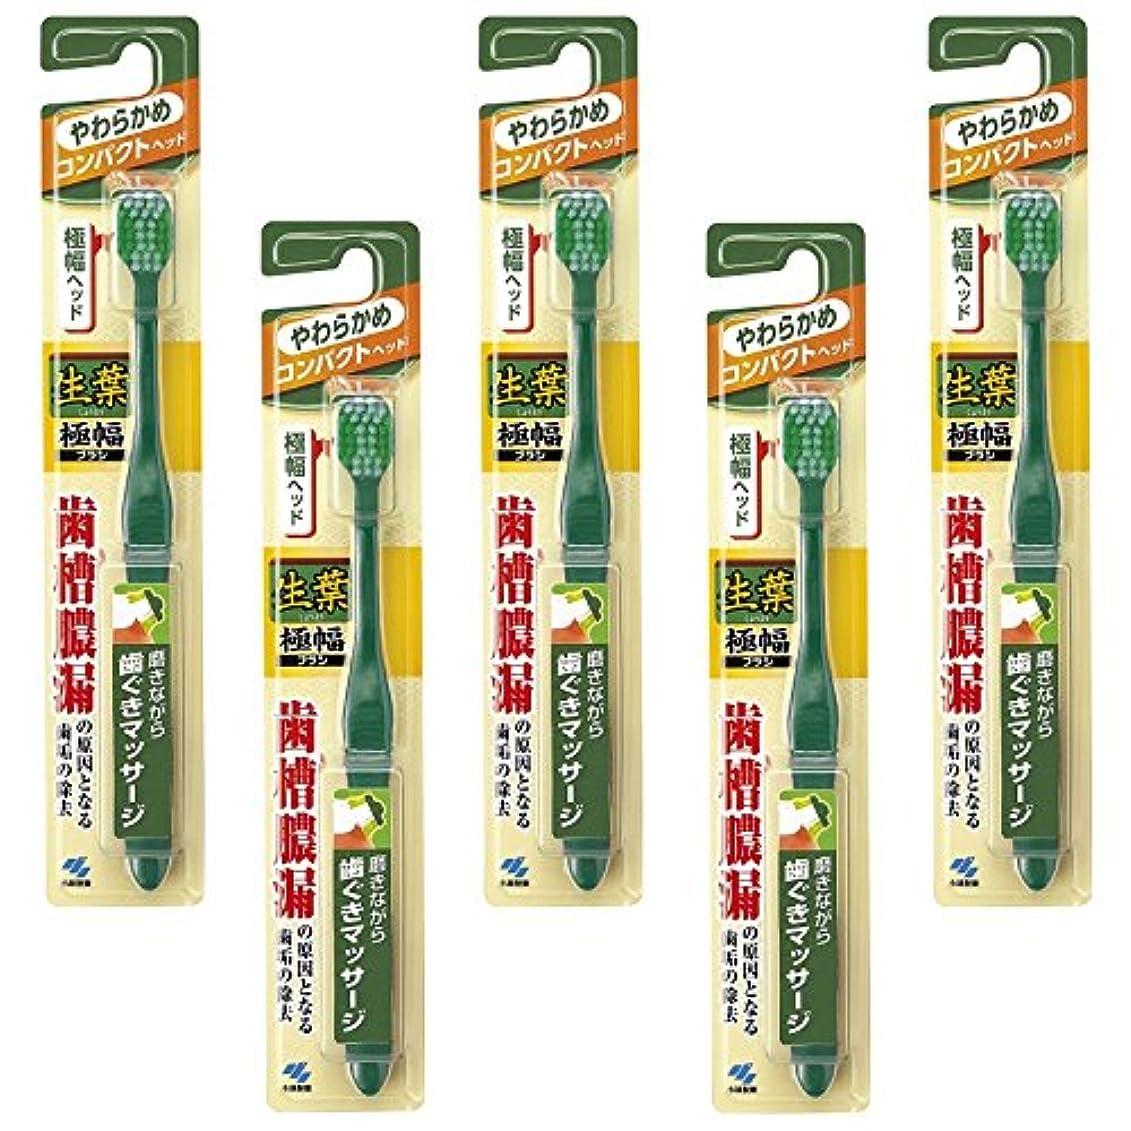 針労働安いです【まとめ買い】生葉(しょうよう)極幅ブラシ 歯ブラシ コンパクトヘッド やわらかめ×5個